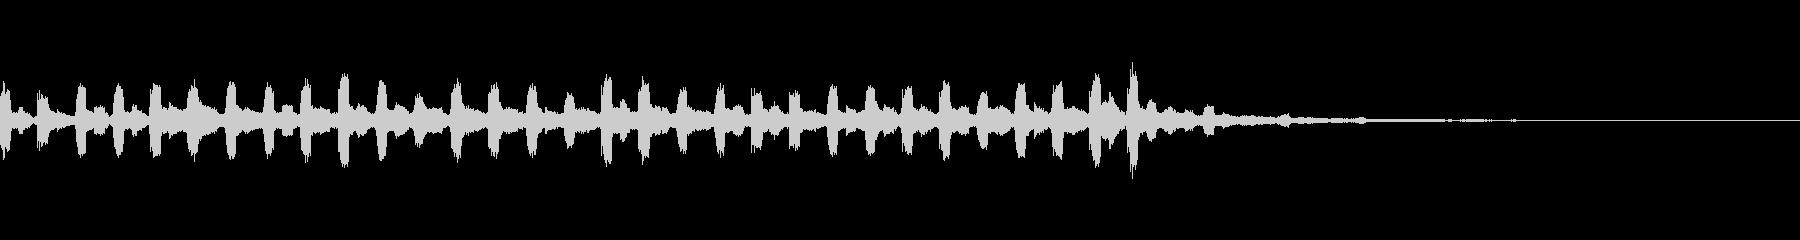 メルヘンチックなサウンドロゴの未再生の波形